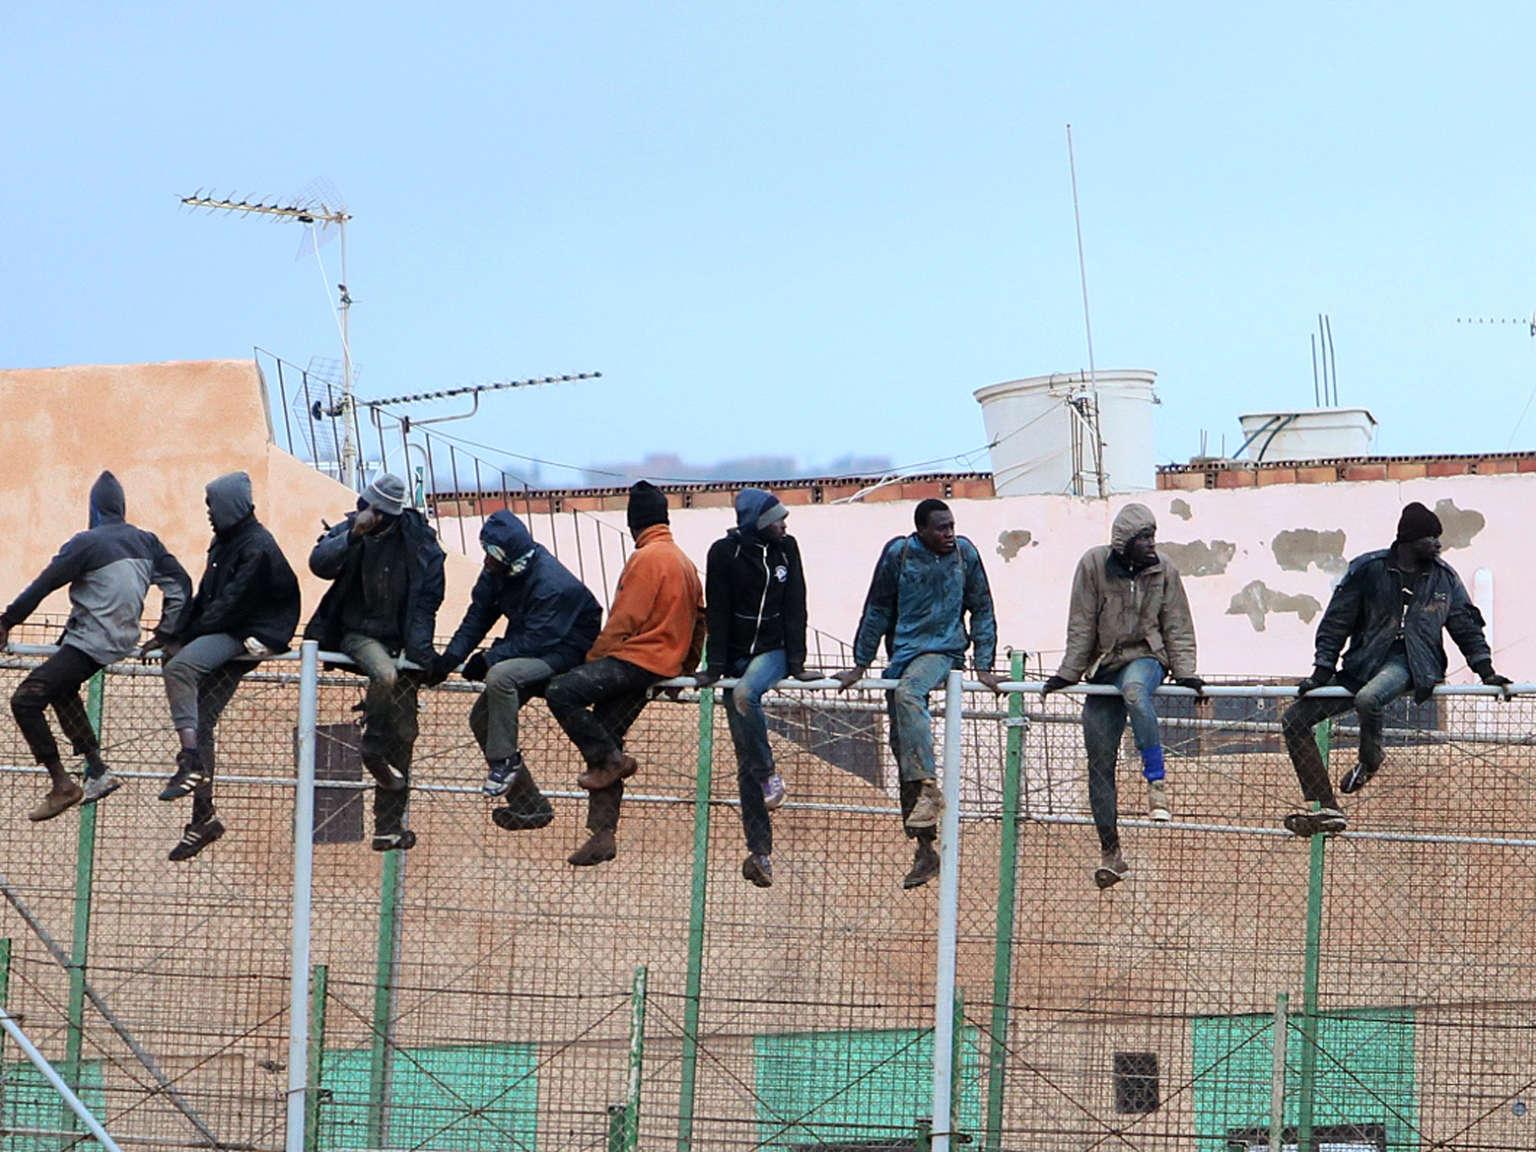 Des migrants sont assis au sommet d'un clôture à la frontière entre le Maroc et l'enclave espagnole de Mellila, en 2015.